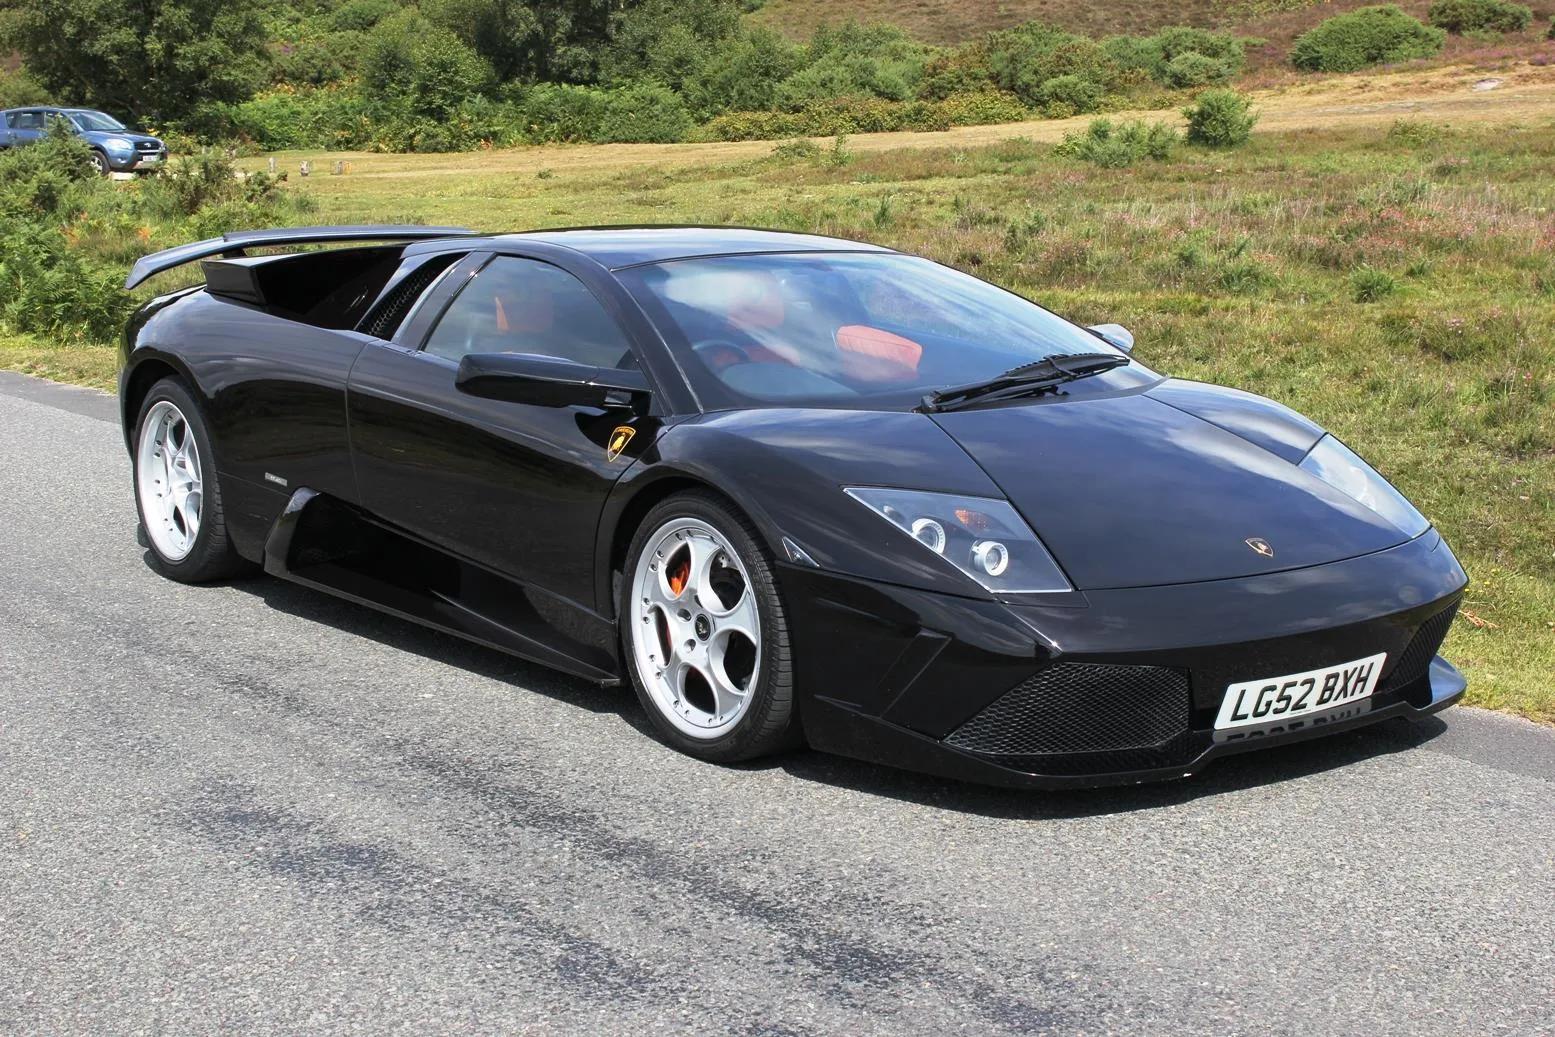 Classic Lamborghini Murcielago 2002 Manual Gearbox Cou For Sale